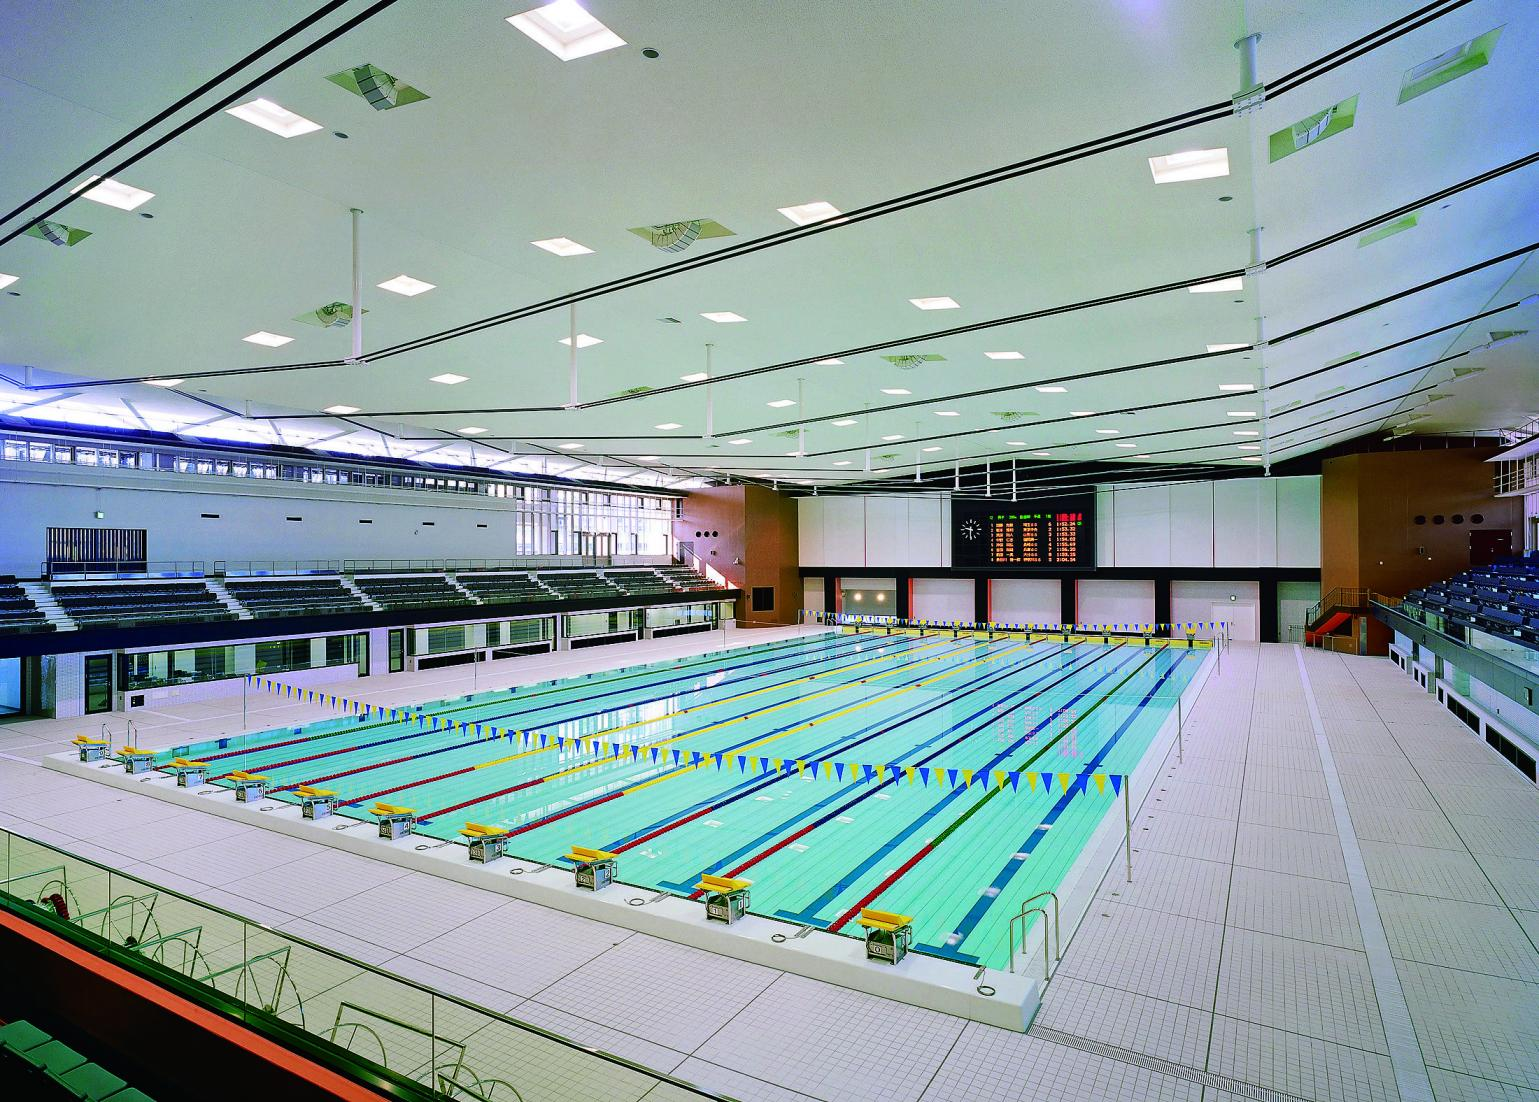 鴨池公園水泳プール-1